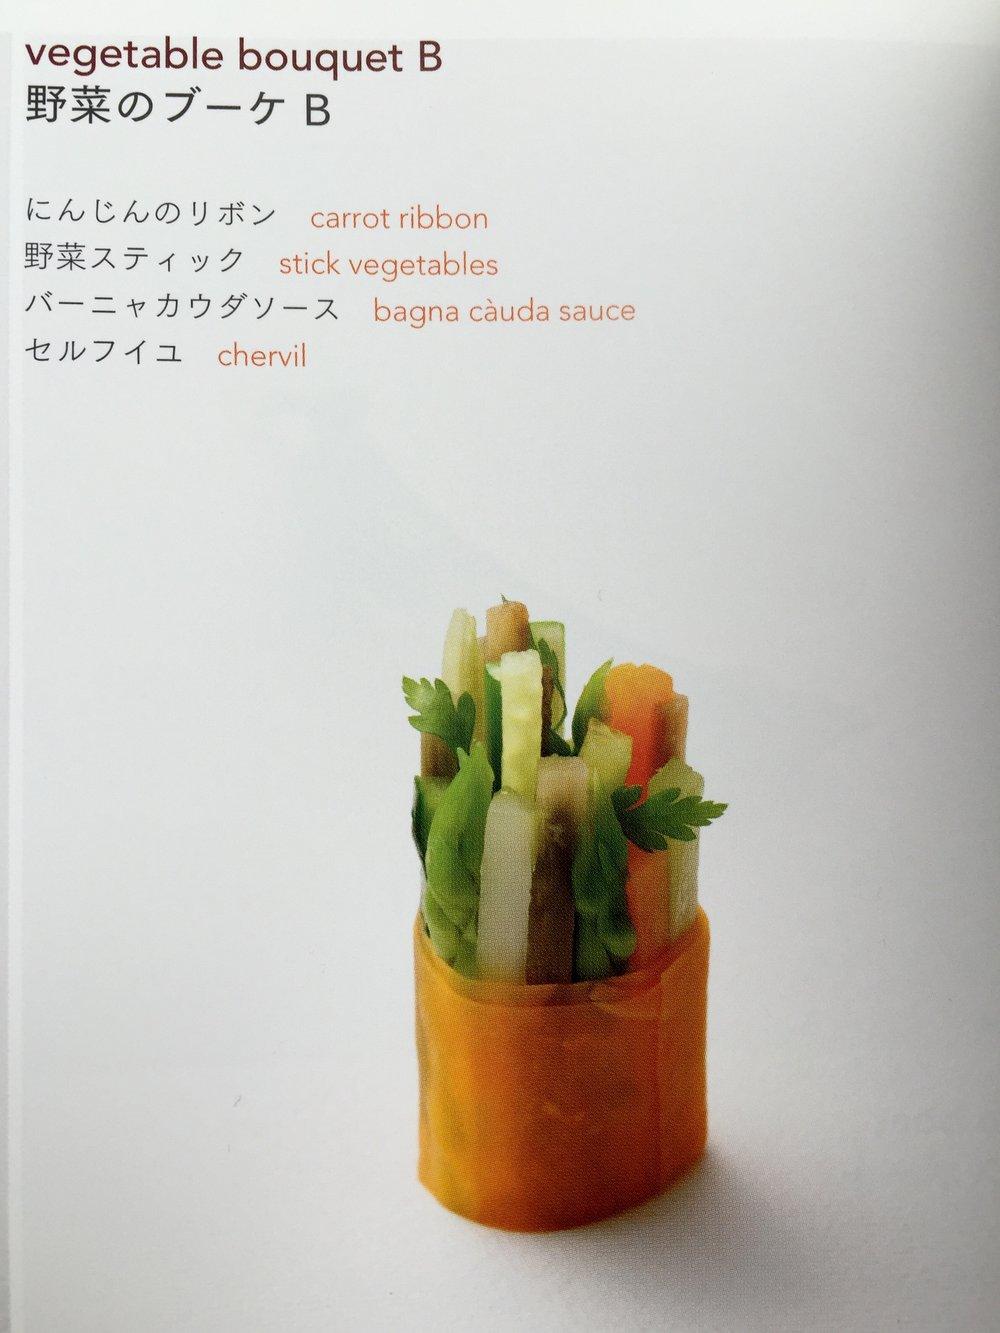 野菜のブーケ、人参リボン